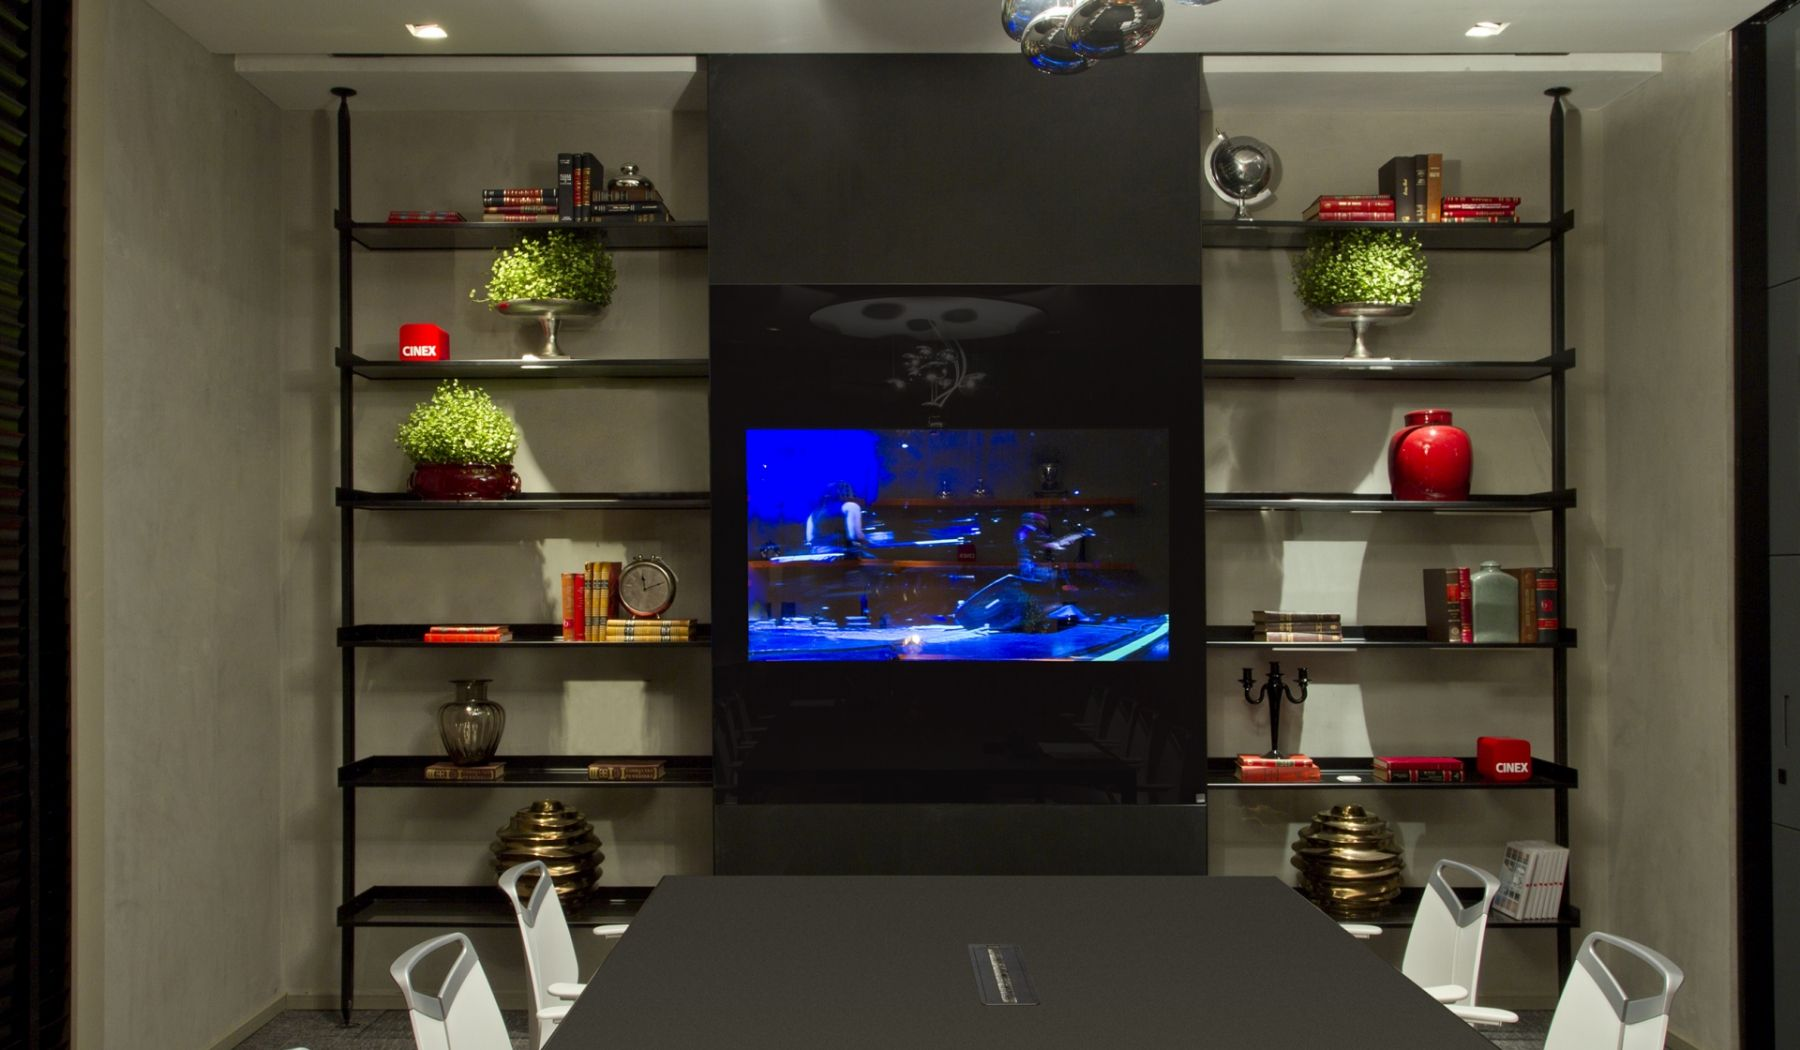 A Sumisura tem produtos sob medida para o seu projeto de escritório. Olha que linda a composição deste ambiente: Painel Movie (com TV aplicada) à frente do Home System, uma estrutura bem versátil de prateleiras, mais as cadeiras Gripp Office (de design suíço) e a Mesa Byo Action, em alumínio e tampo de vidro, com calha para a passagem dos fios. Demais! #office #design #arquitetura #architecture #mesa #cadeira #alumínio #vidro #estante #TV #PainelMovie